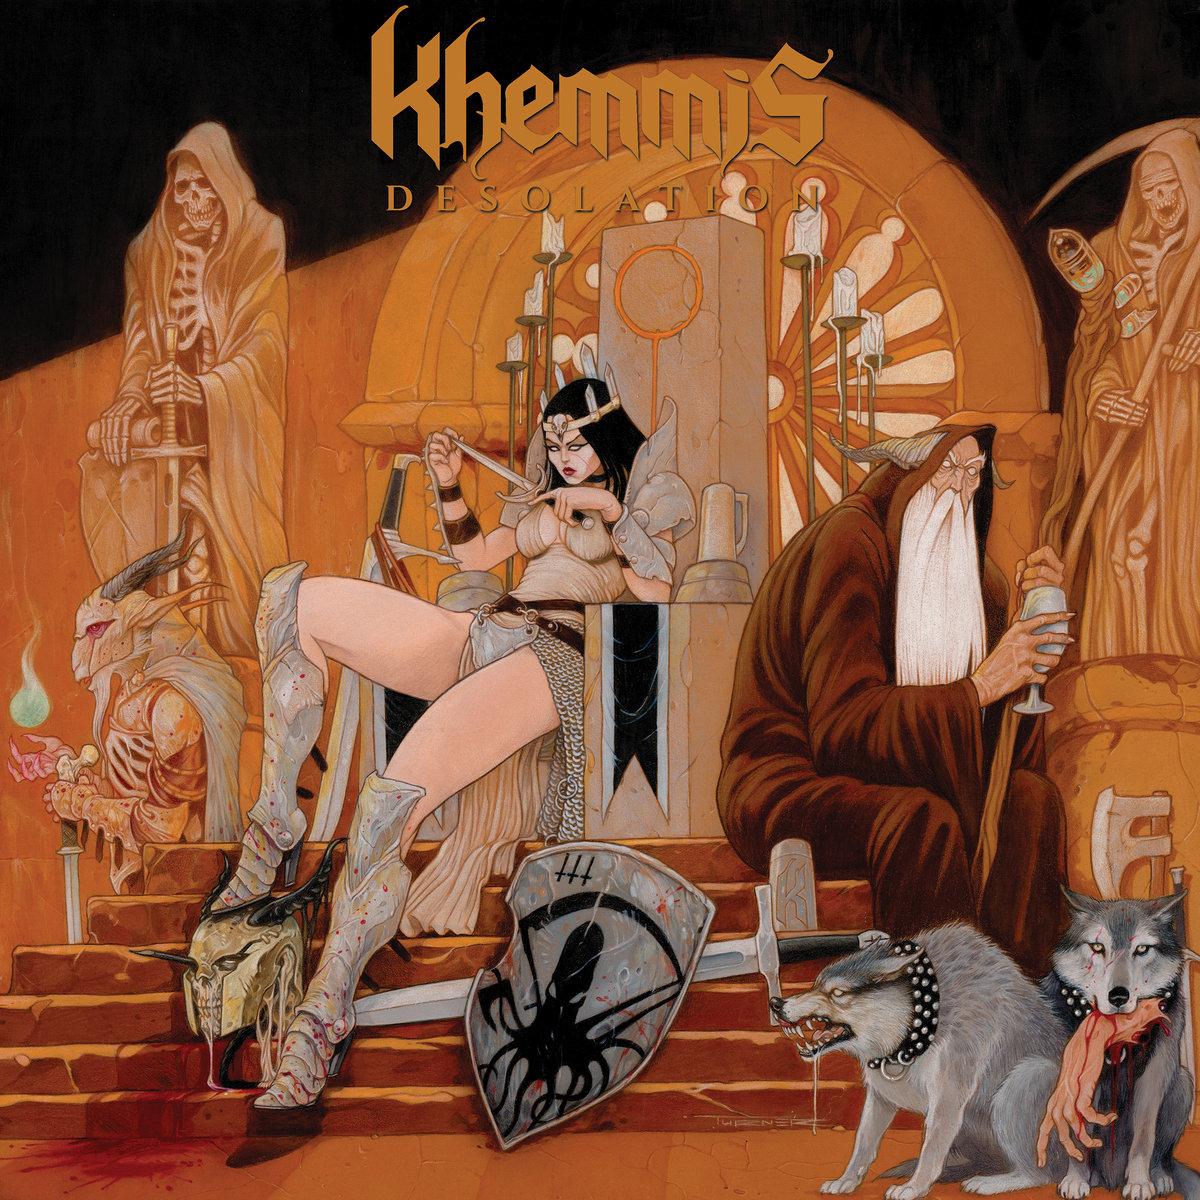 Αποτέλεσμα εικόνας για khemmis desolation